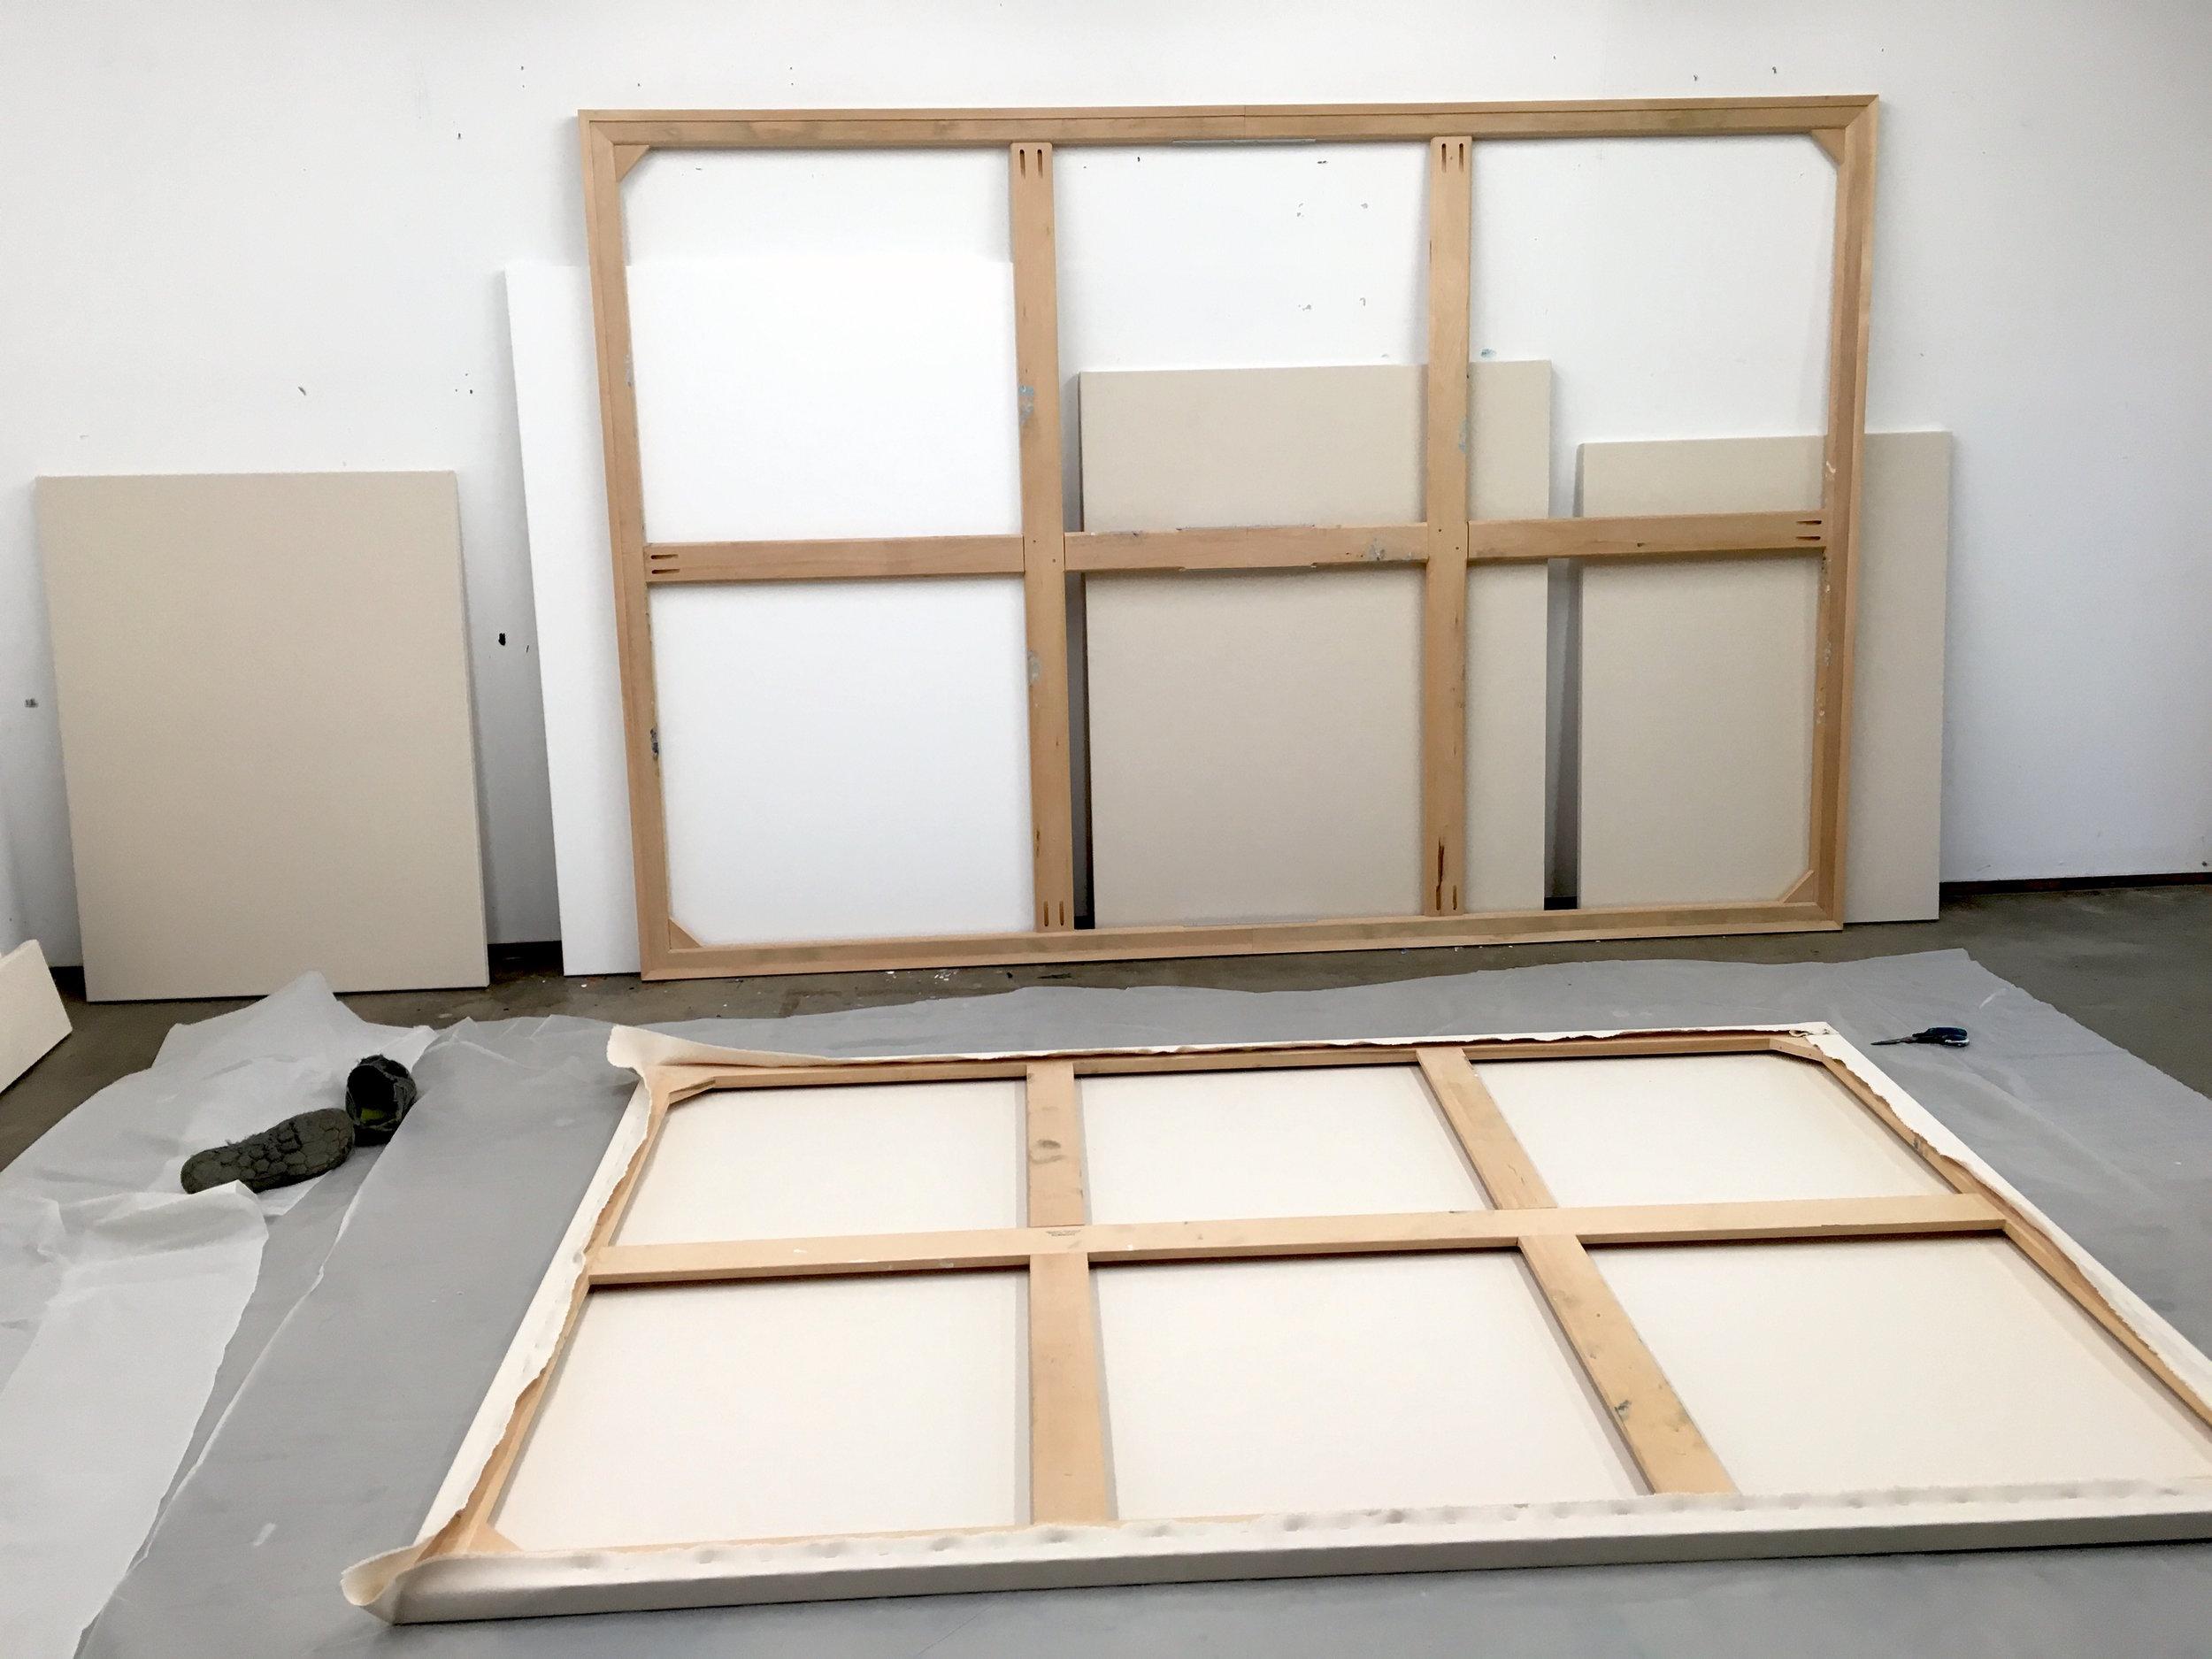 studio-view-2